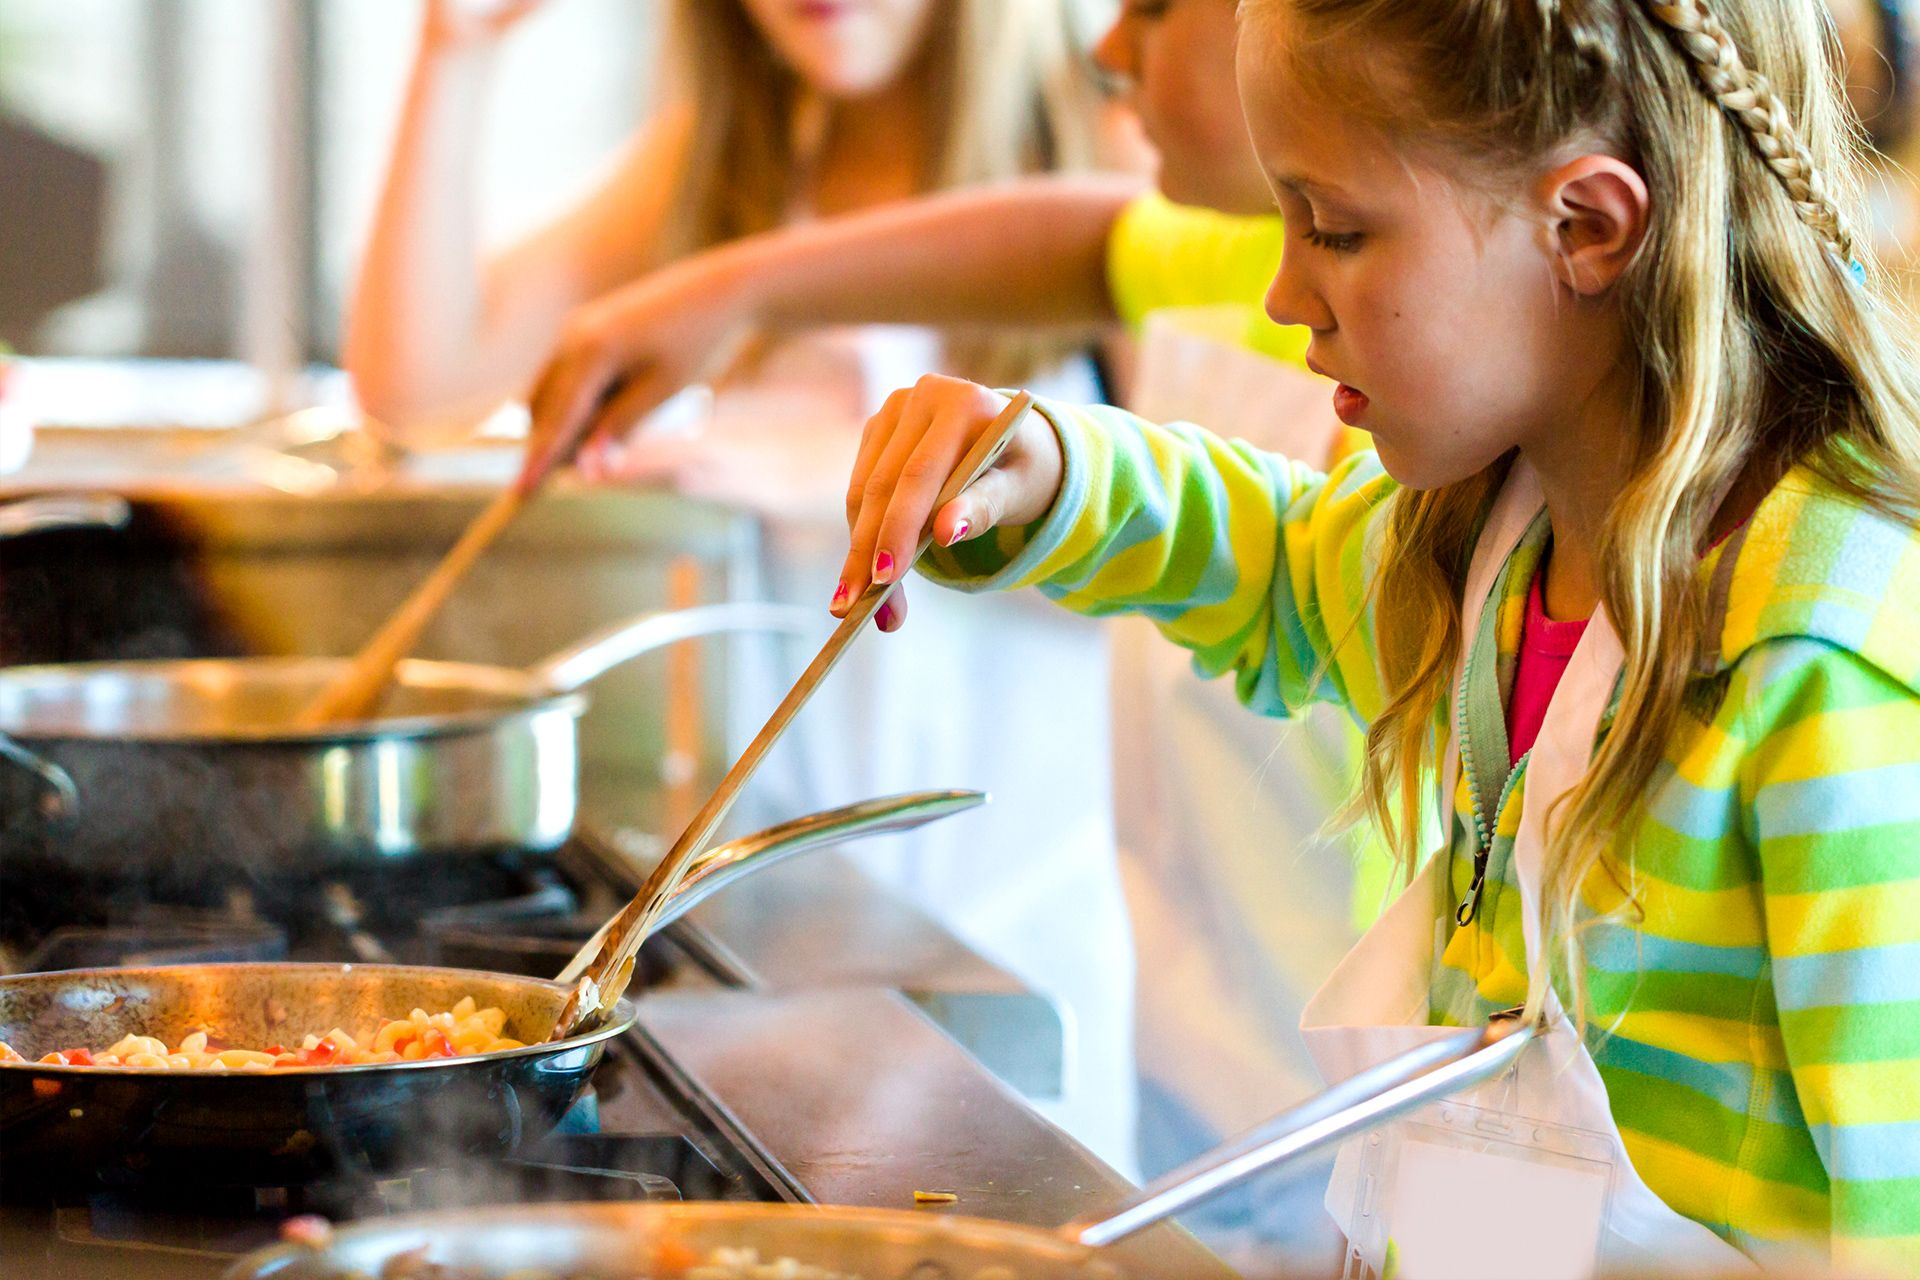 Kochschule für kinder  Kochkurs für Kinder in Nürnberg ab 30€ schenken